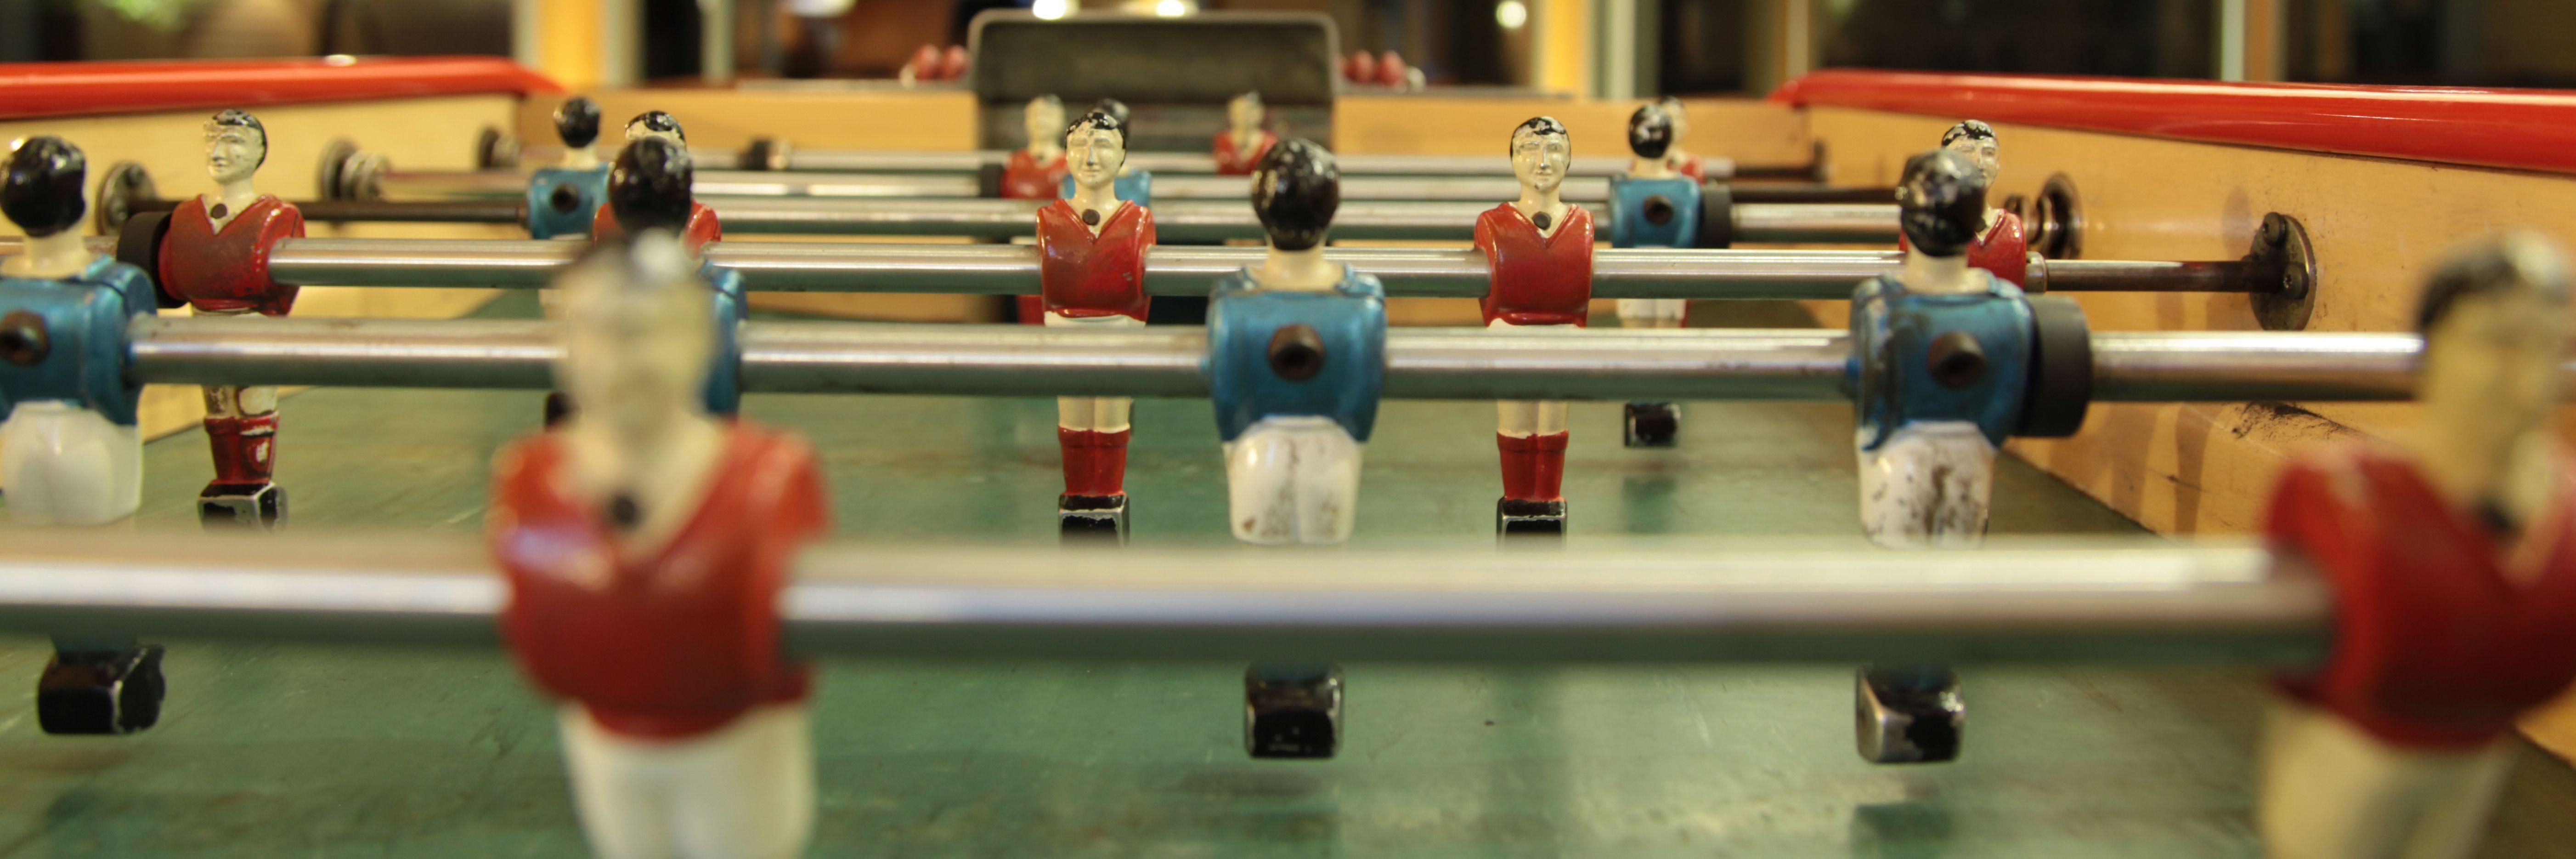 Dardos y Futbolín: Servicios de La Uvi Bar de Copas